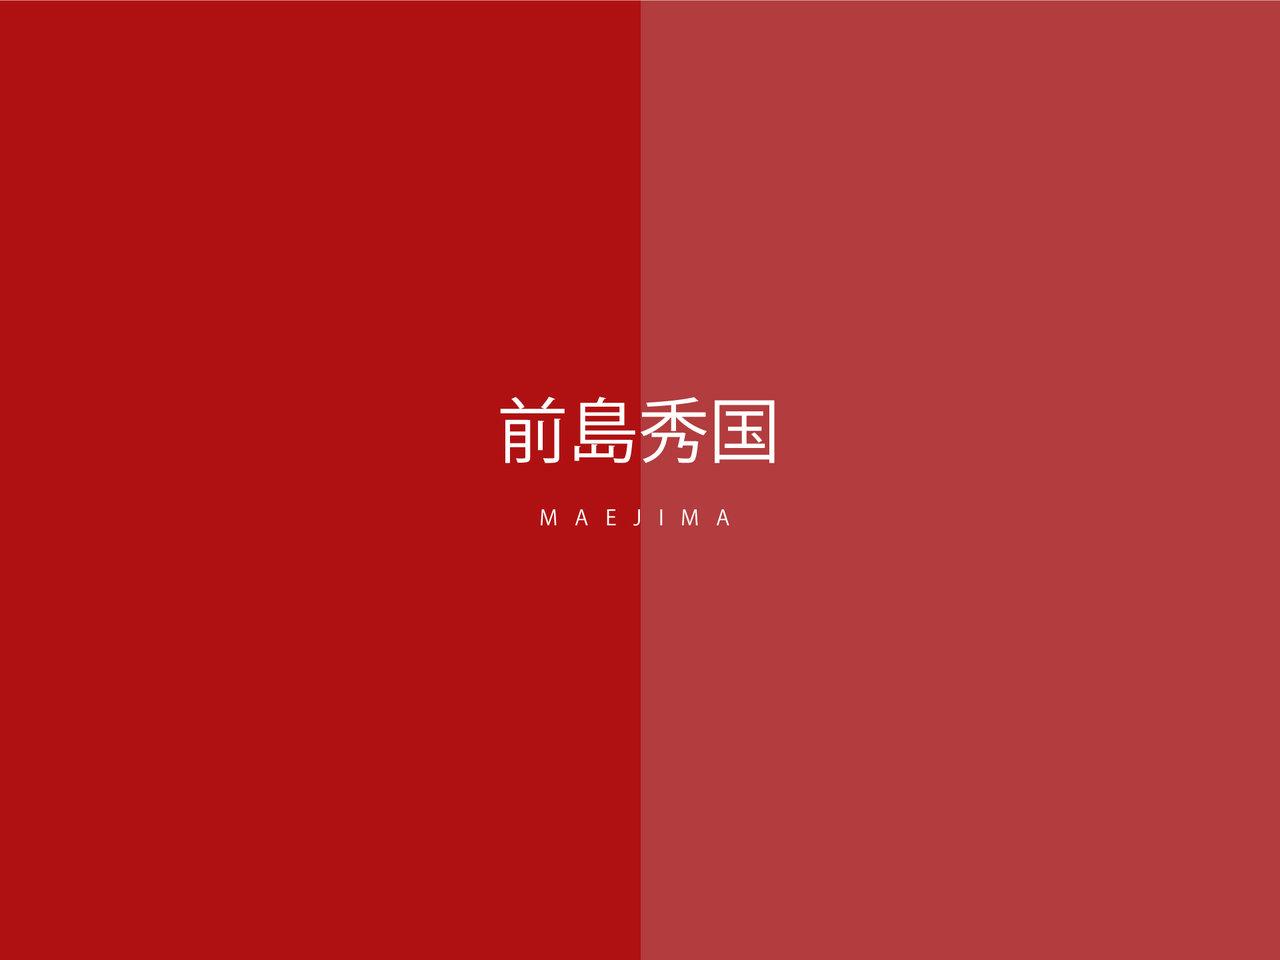 """ふたりの""""S""""――坂本龍一とショスタコーヴィチ"""